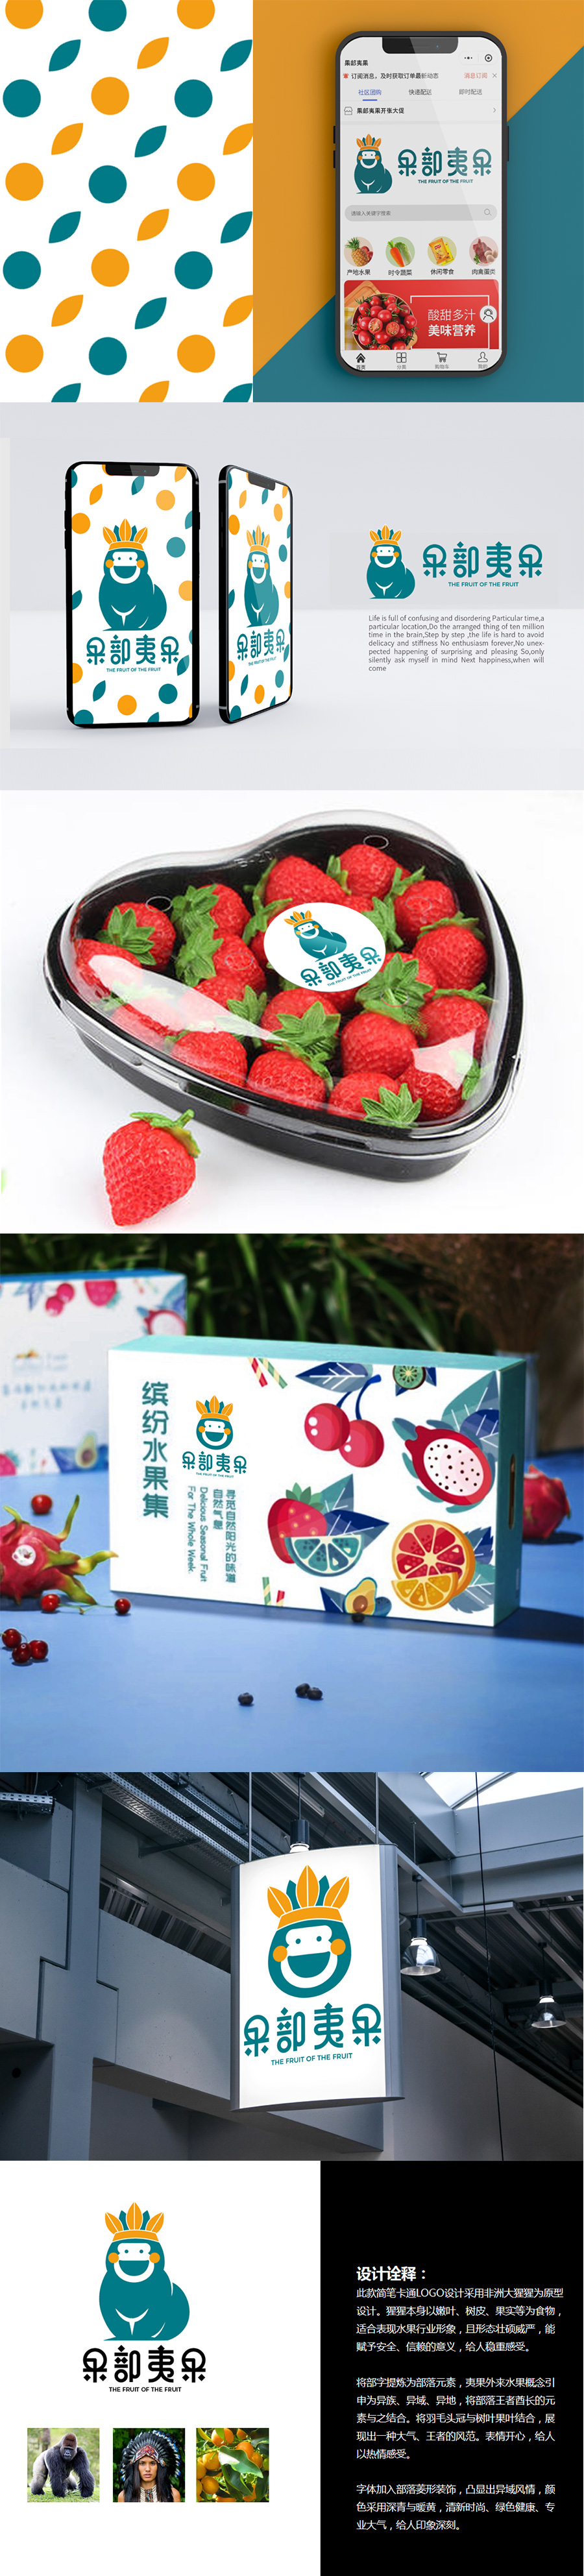 水果行业卡通吉祥物logo设计